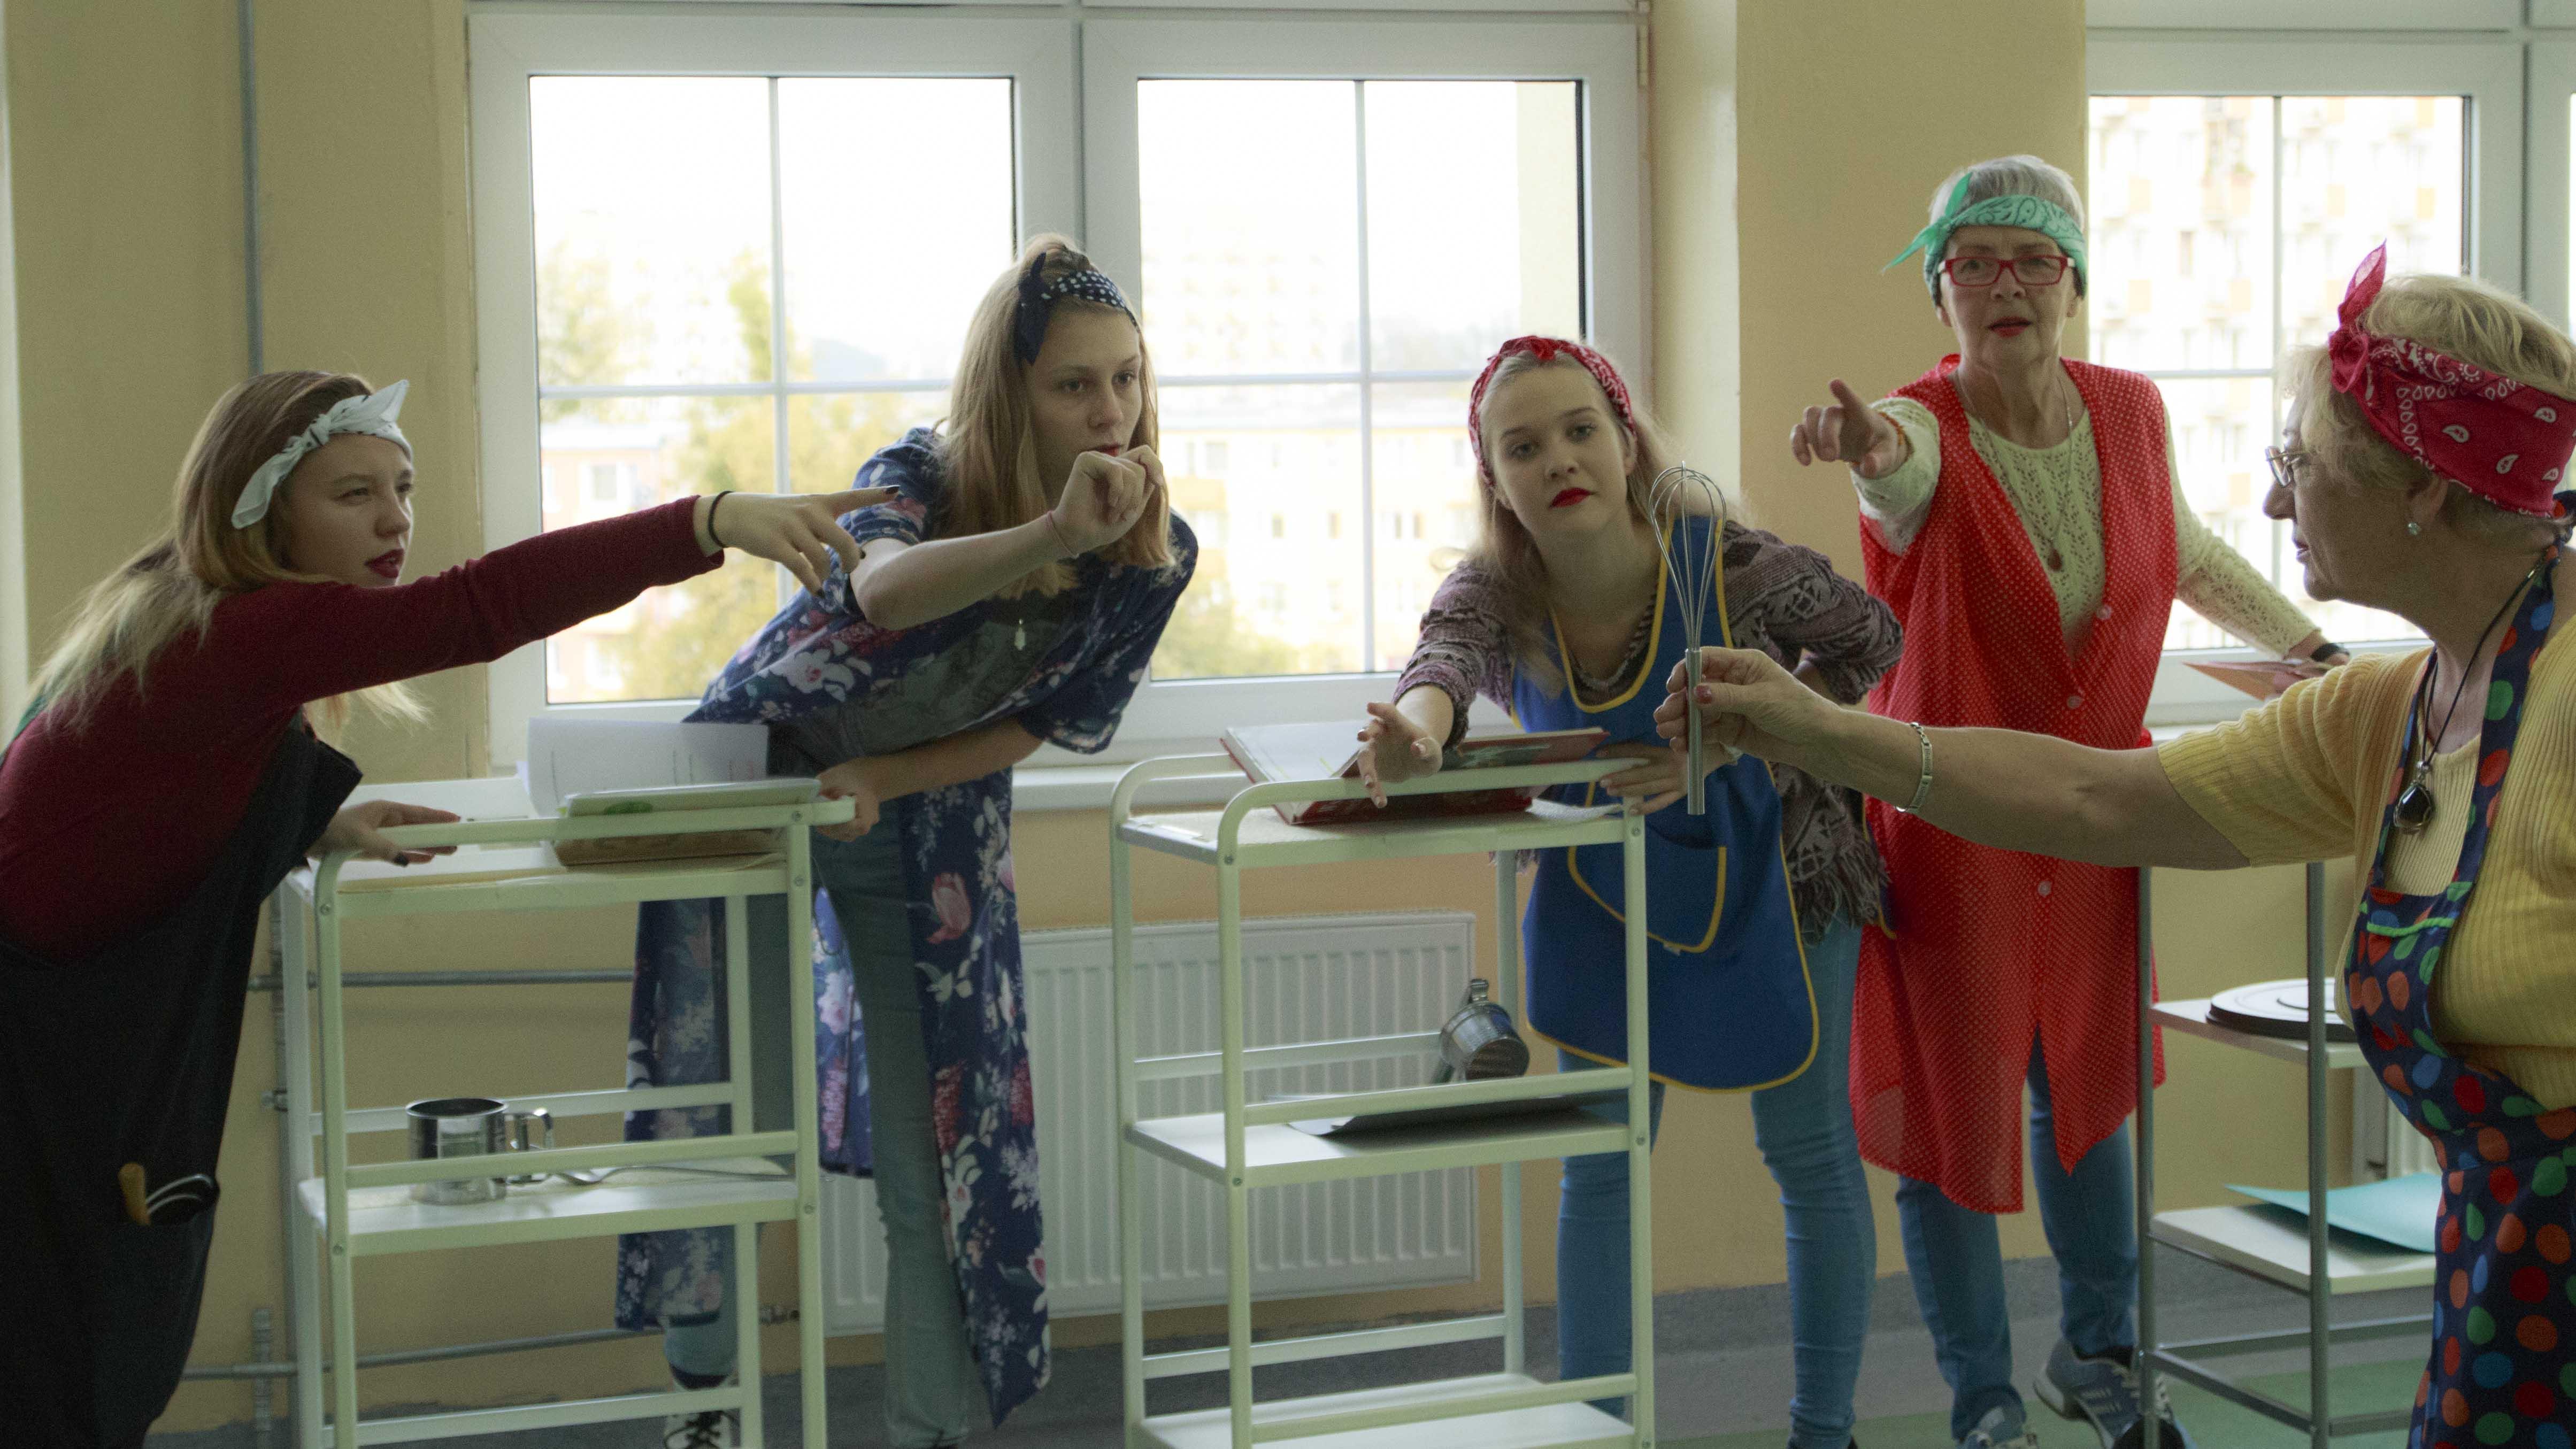 zdjęcie z projektu Dzwięczące wieżowce. Pięć aktorek w fartuchach kuchennych pochyla się i wskazuje palcami na mieszadło trzymane prze jedną z nich.